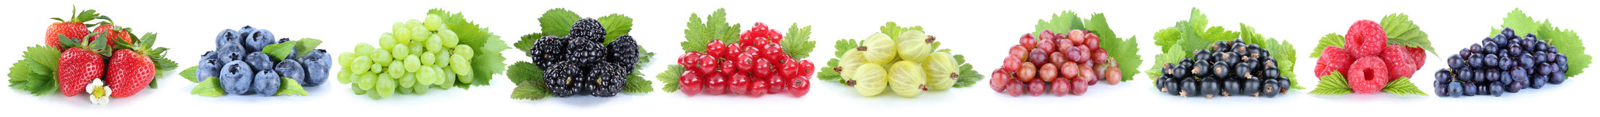 Συλλογή του frui μούρων βακκινίων φραουλών σταφυλιών μούρων Στοκ Φωτογραφία